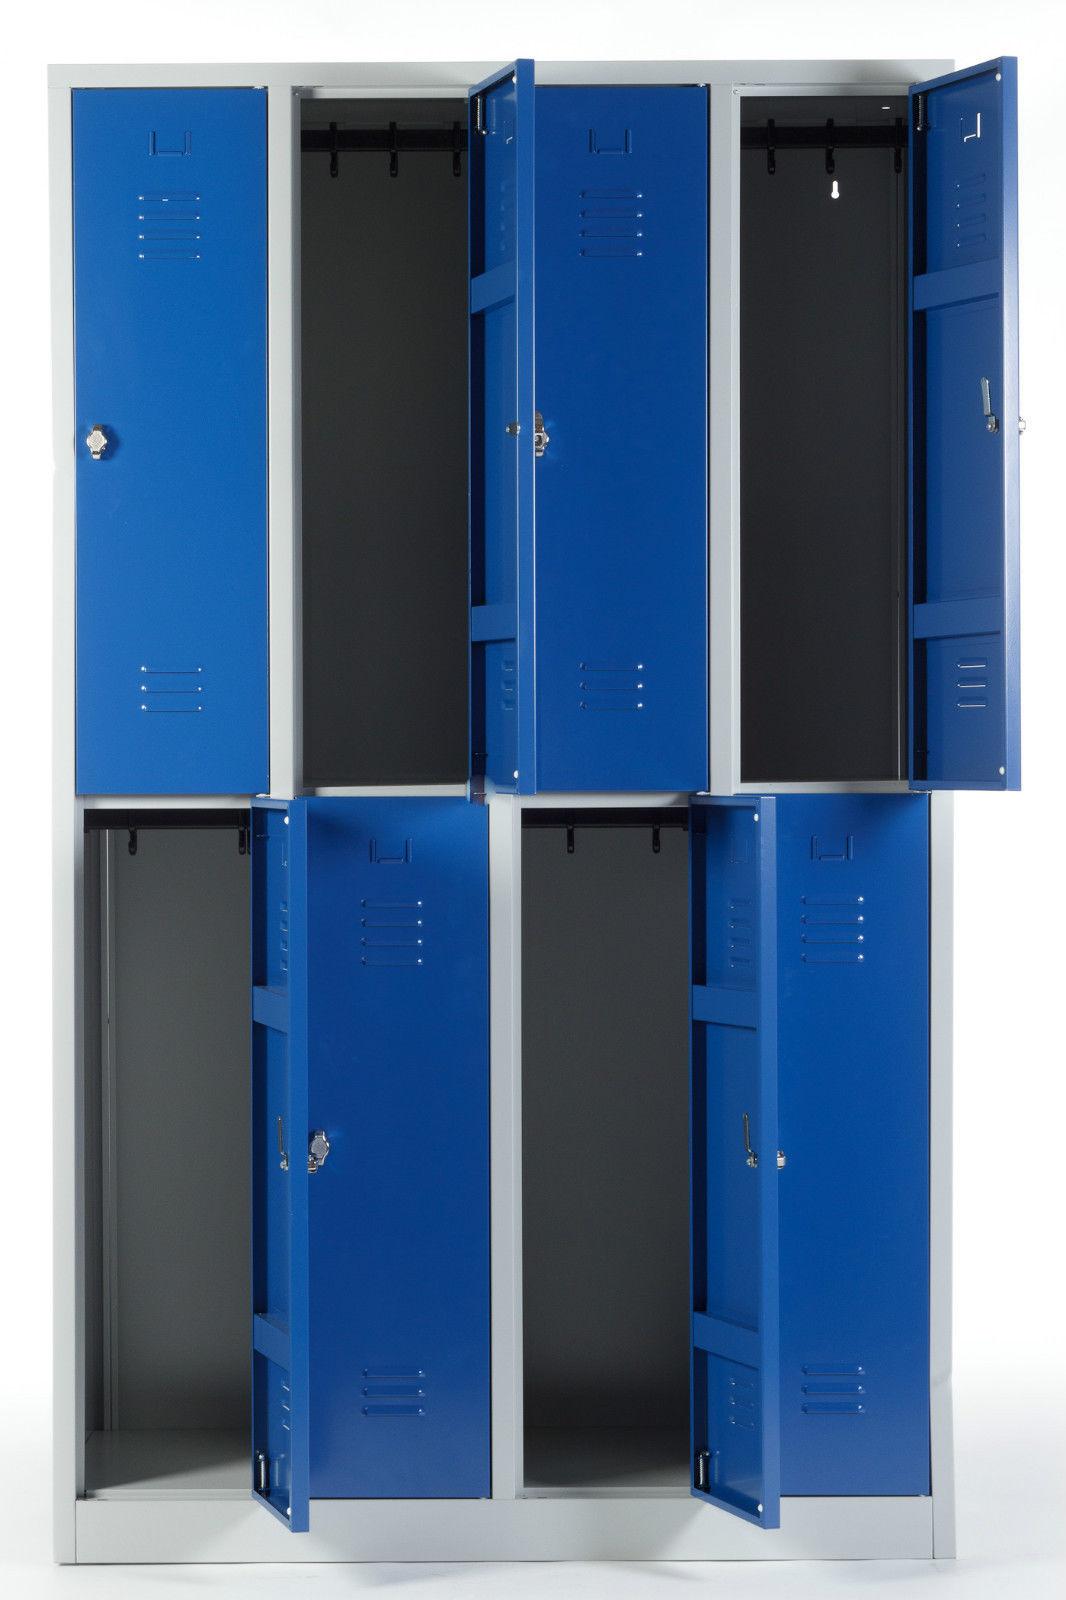 kleiderspind 2x4 abteile 8 f cher stahlspind garderobenspind doppelst ckig blau ebay. Black Bedroom Furniture Sets. Home Design Ideas